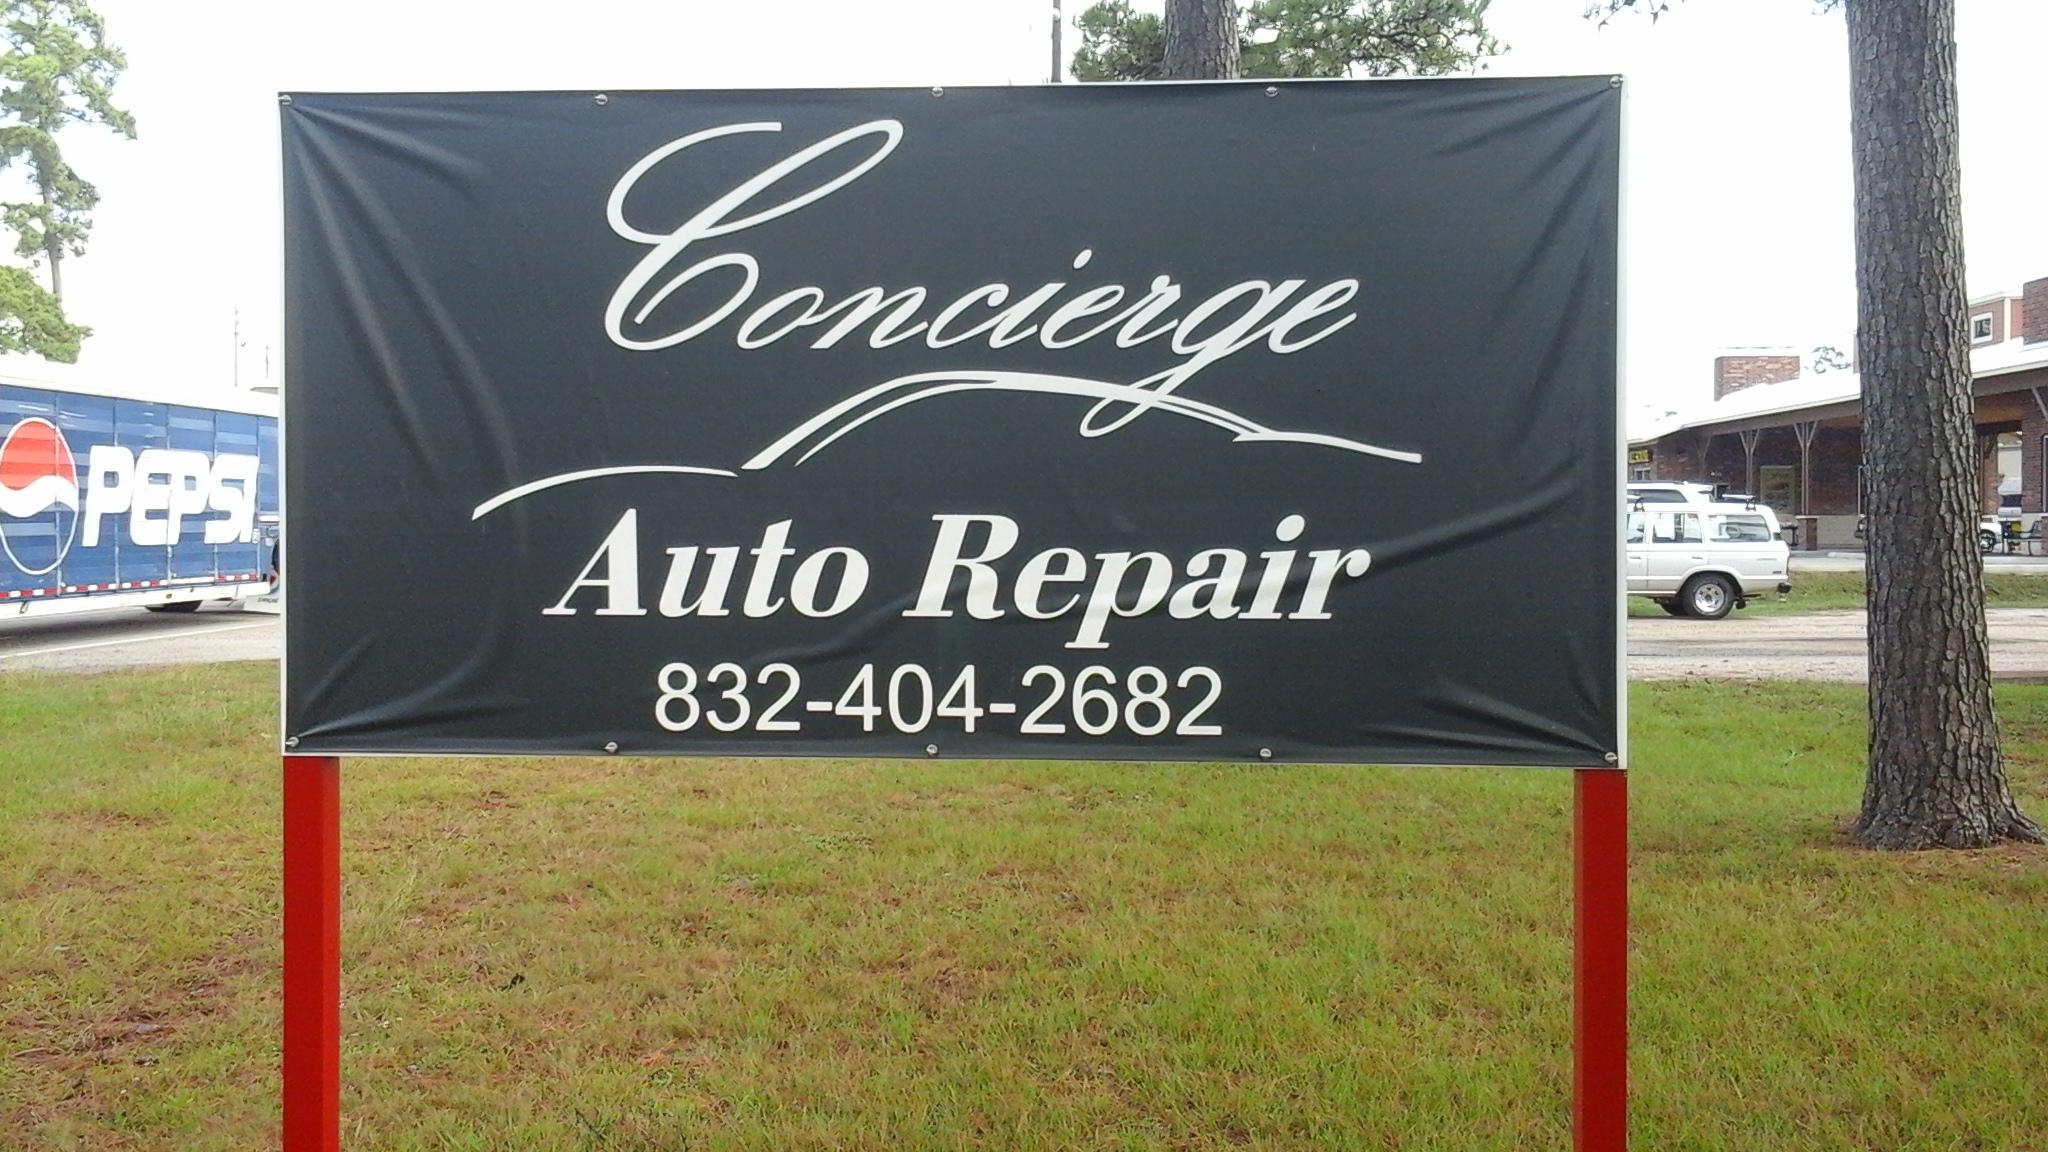 Concierge Auto Repair image 5